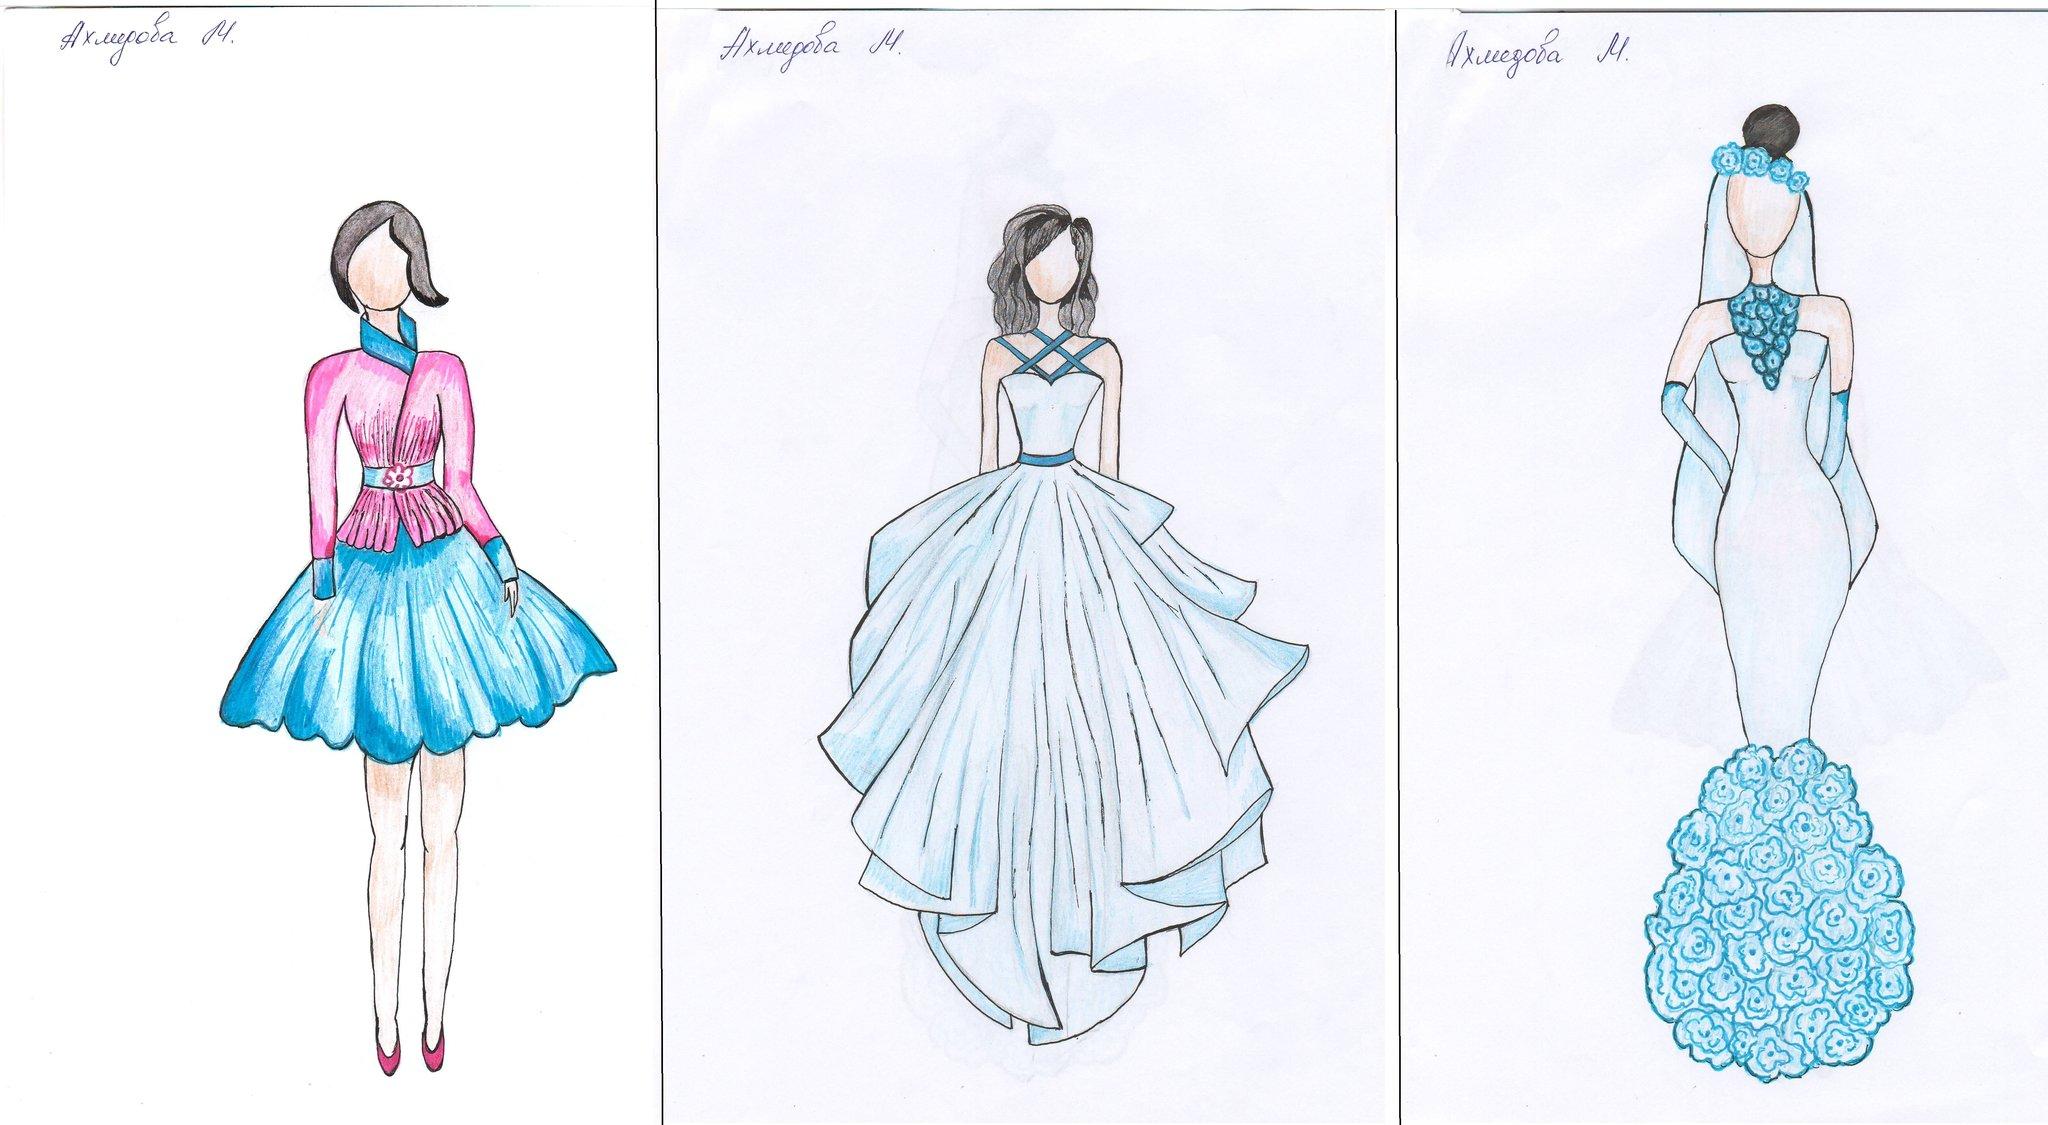 Рисунки карандашом платья для начинающих дизайнеров половине